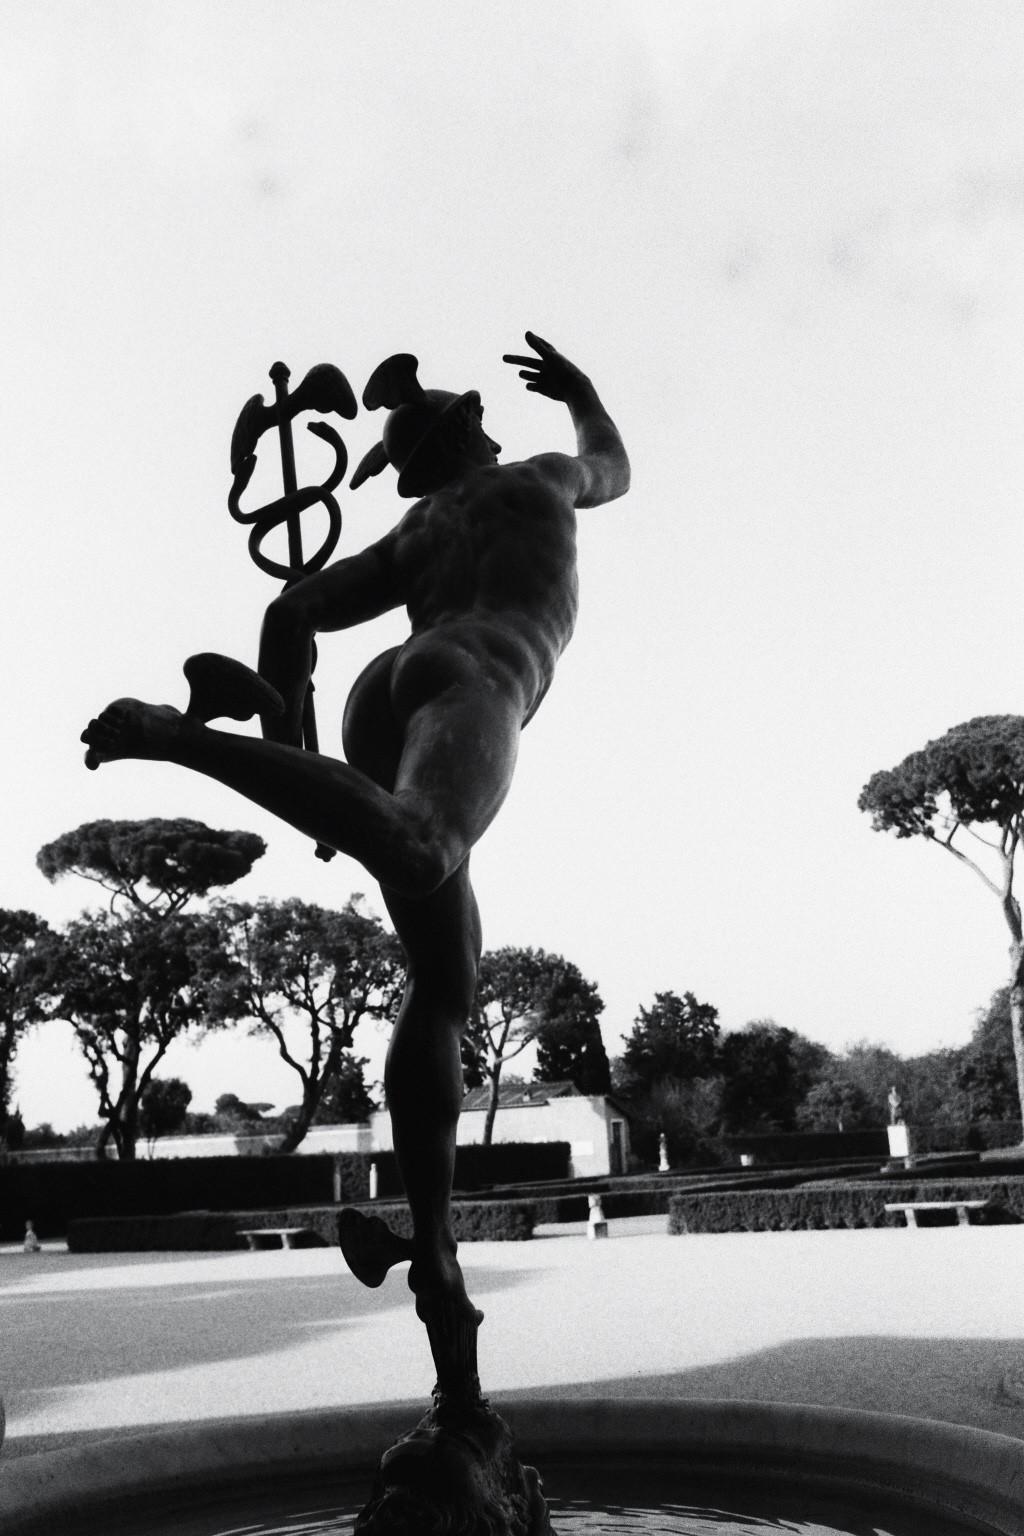 Le Dieu du commerce veille sur le parc de la Villa de Medicis